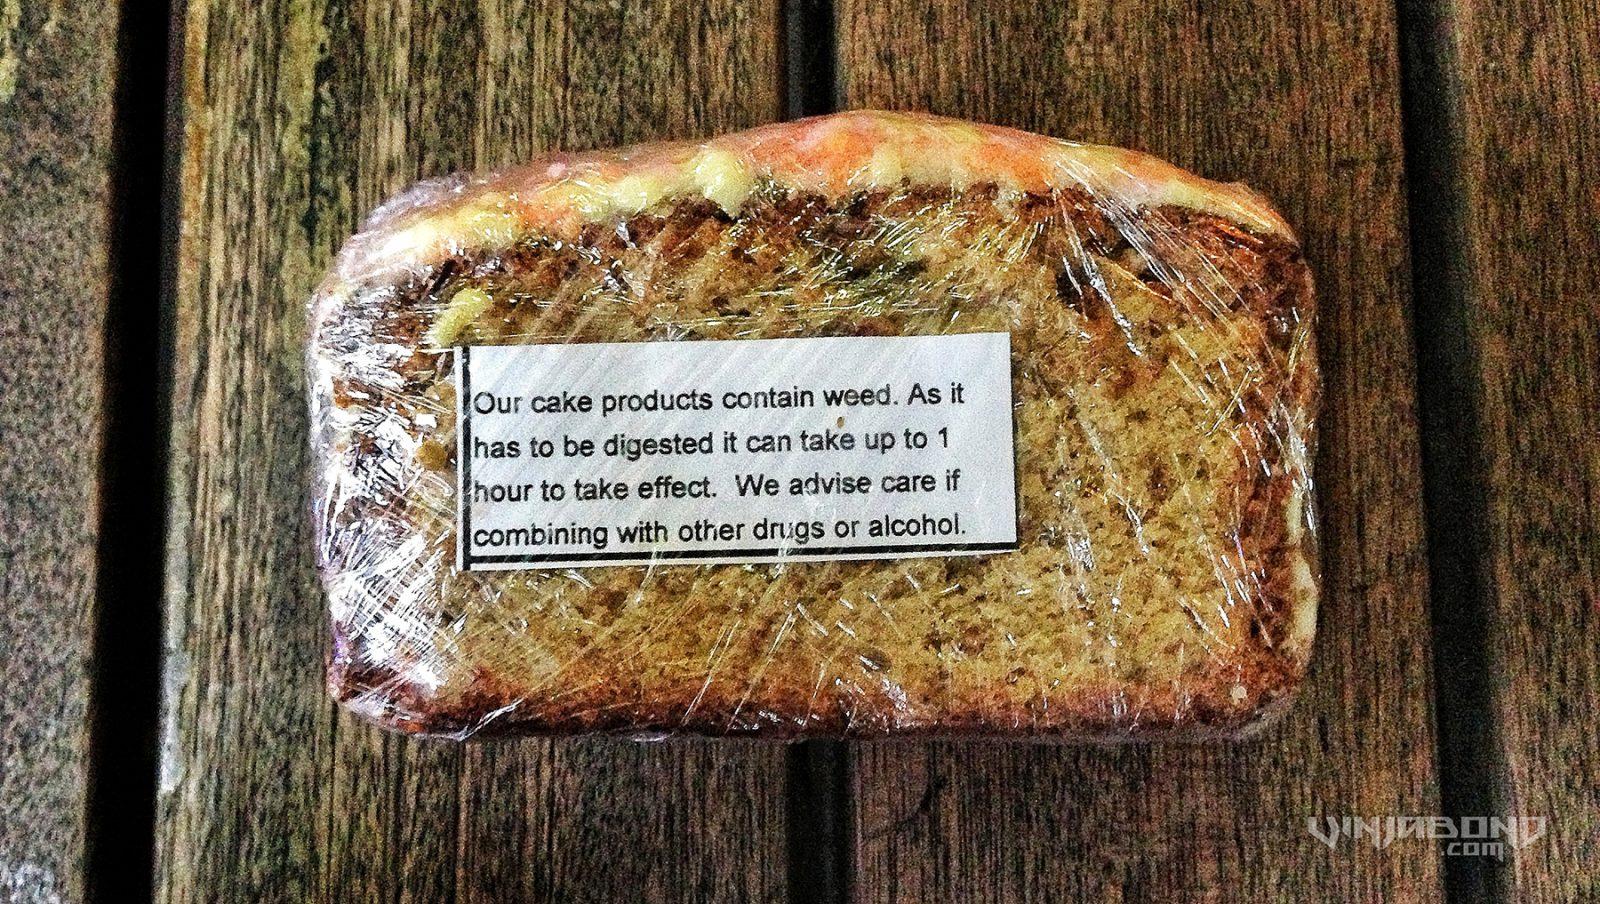 - Legal Marijuana Cakes in Amsterdam -